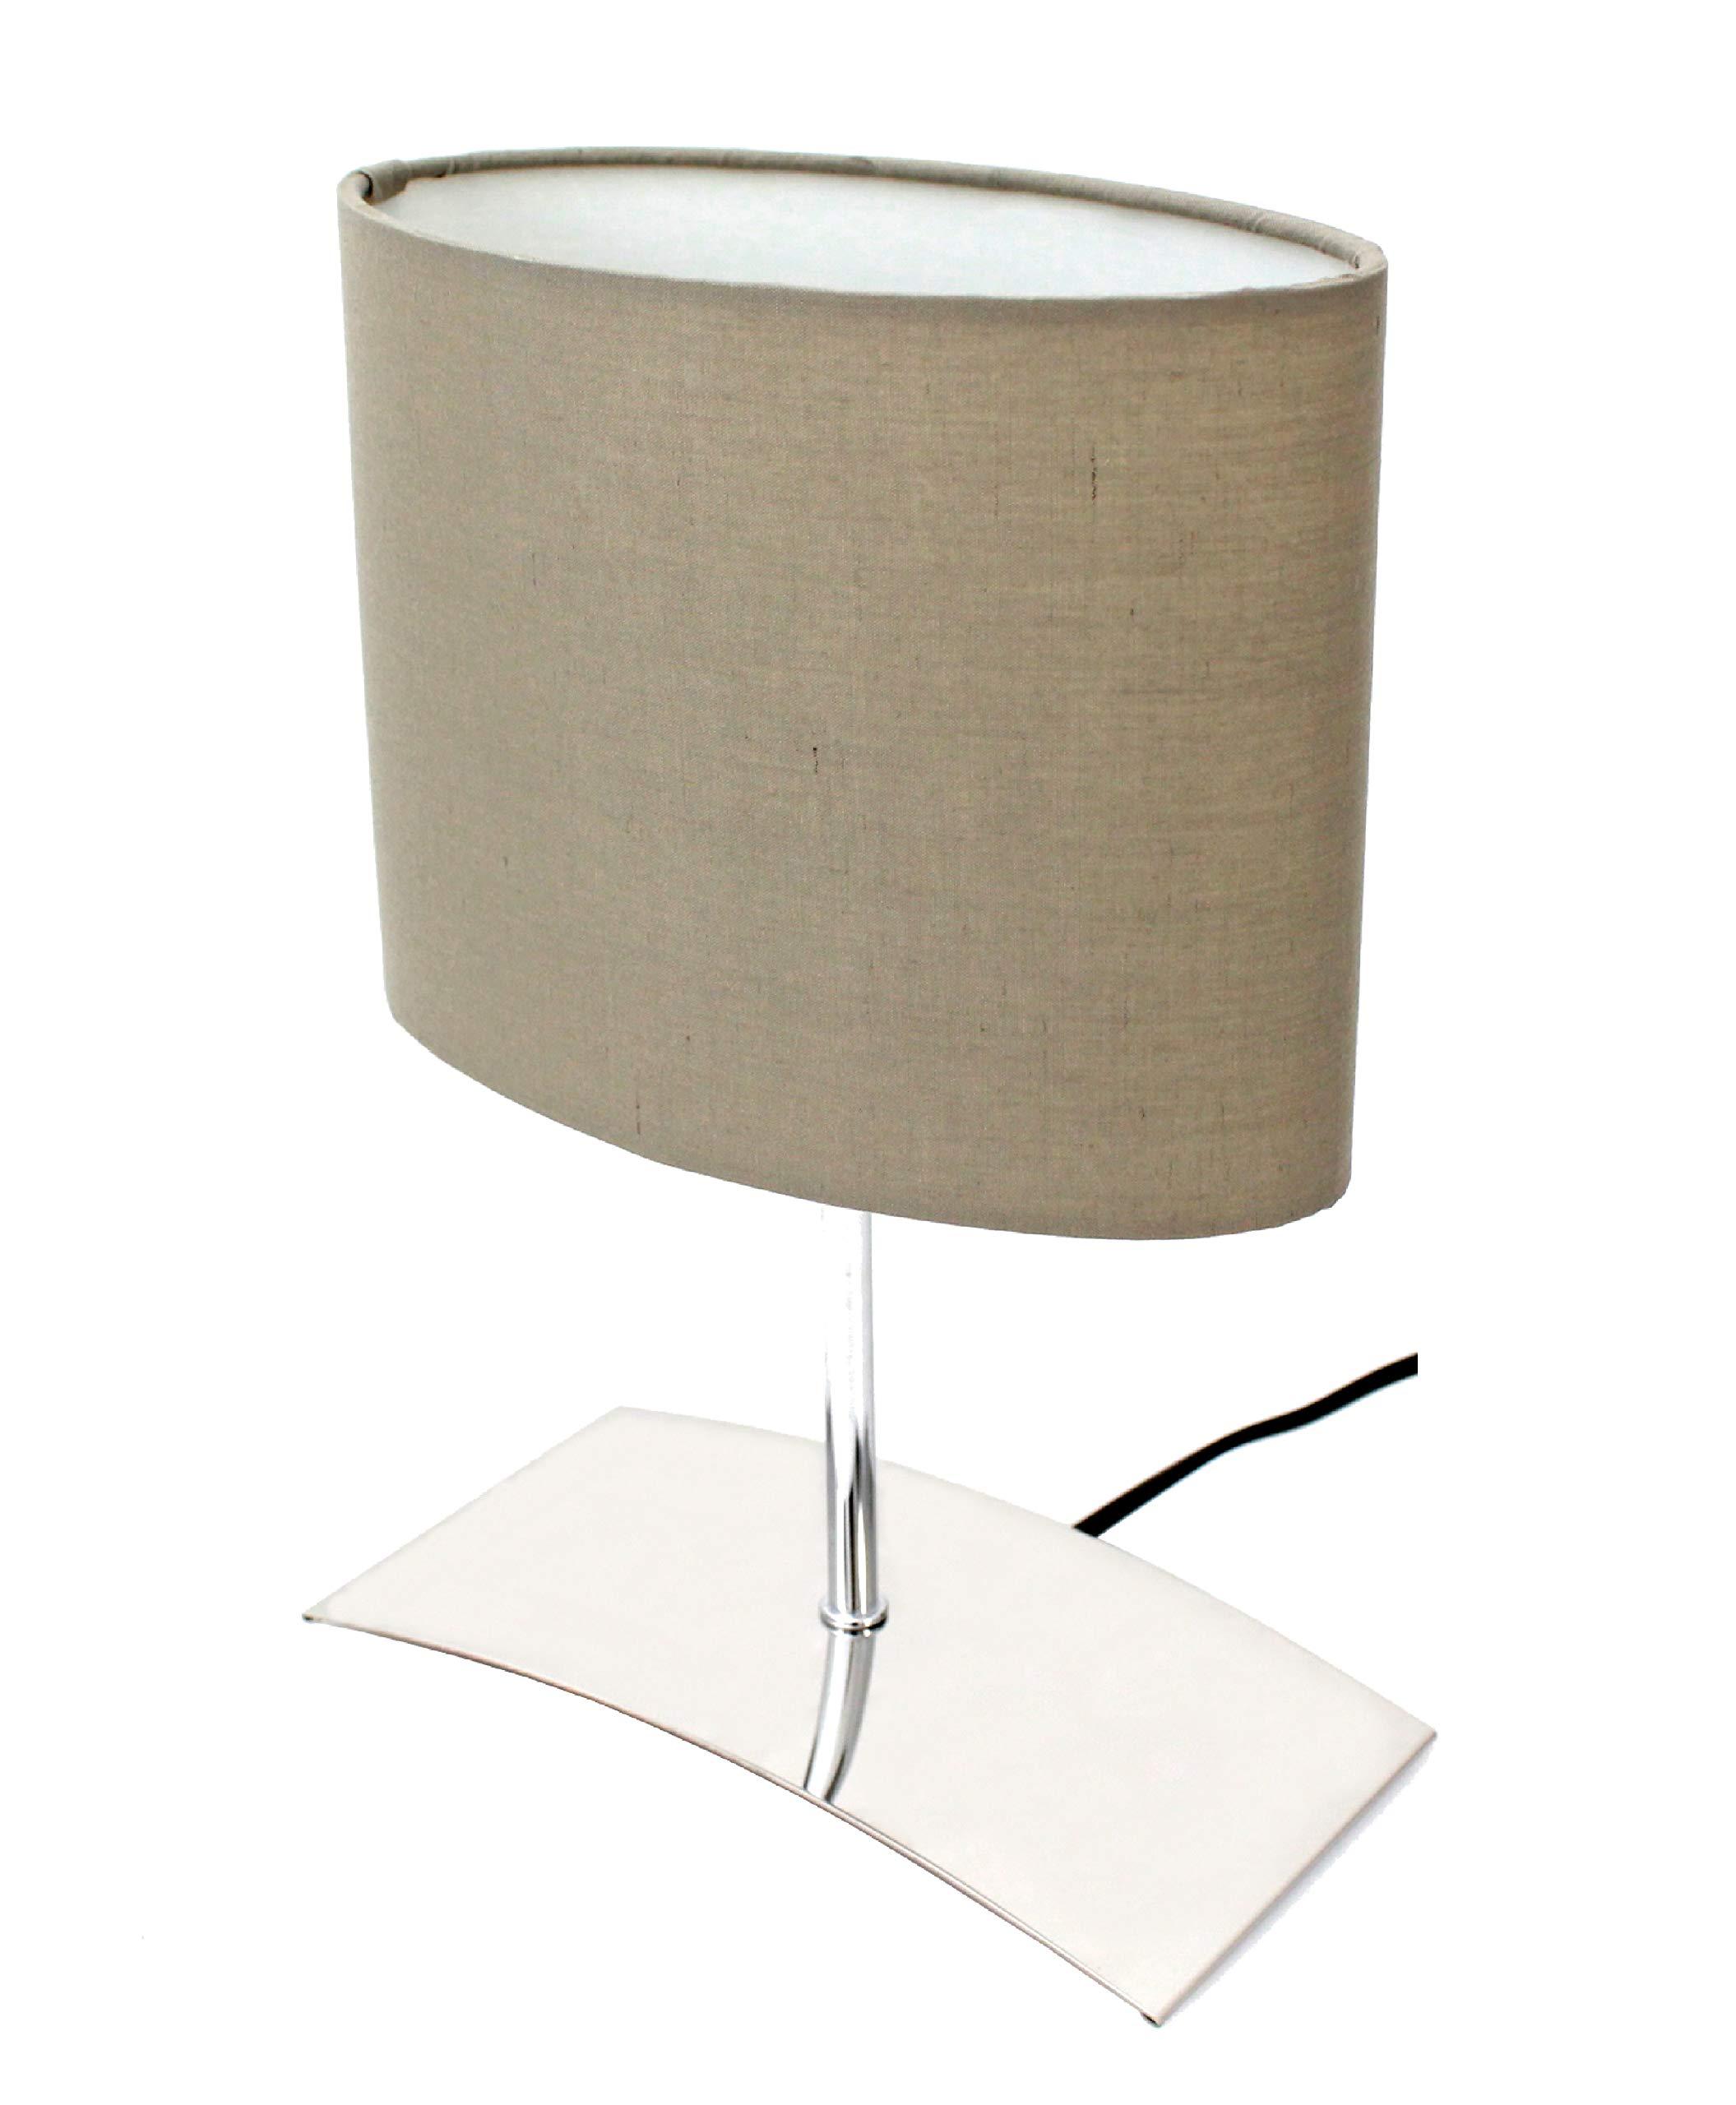 Trango diseño Lámpara de mesa I lámpara de noche I lámpara de escritorio I lámpara TG2018-04B